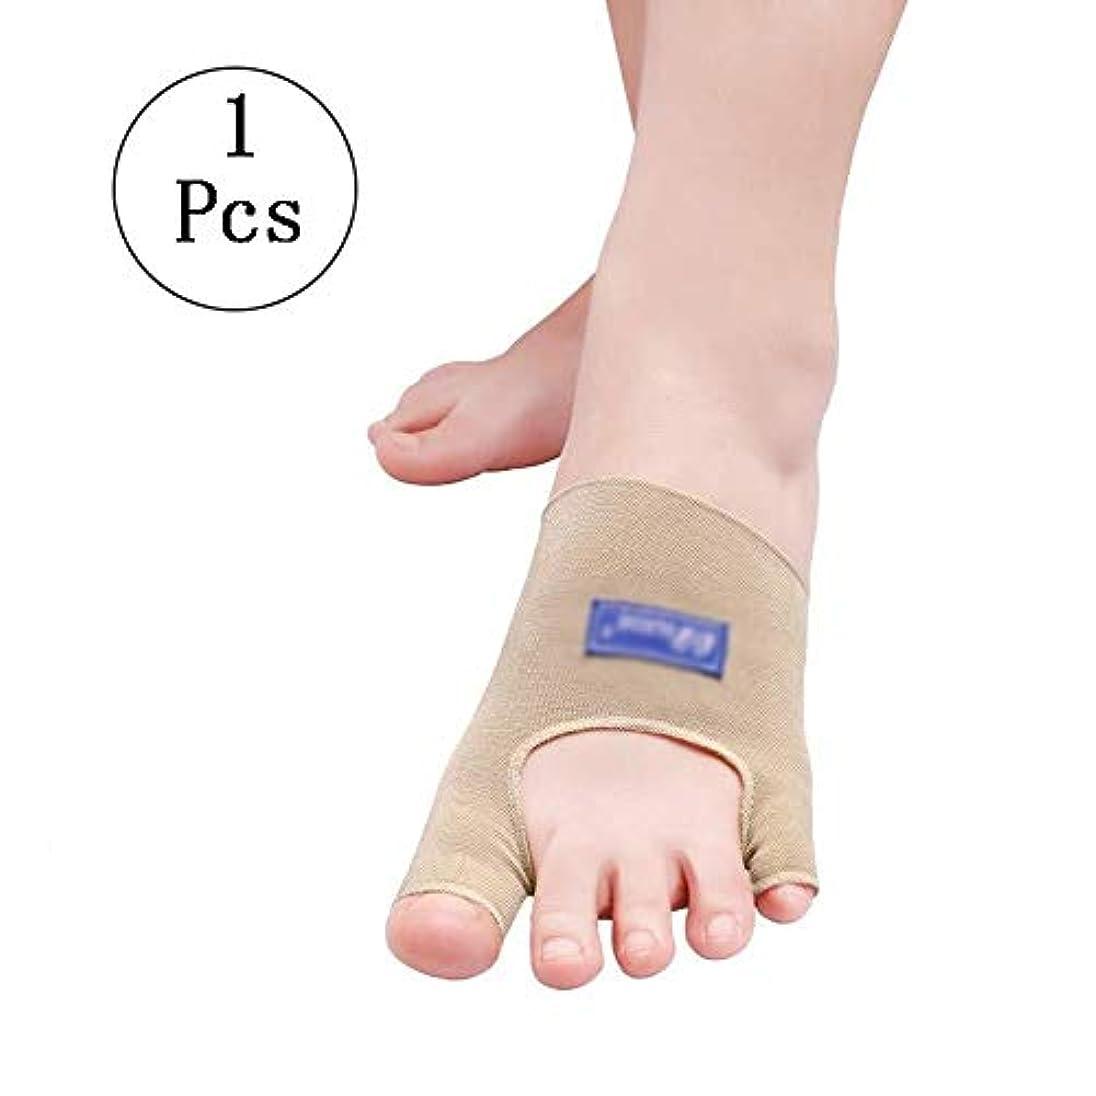 器用シャーロットブロンテエレメンタルGRX-DDYつま先つま先外反スプレッダー大きな足骨装具包帯快適な通気性の高い弾力性は、つま先の痛みの痛みを和らげます,RightFoot